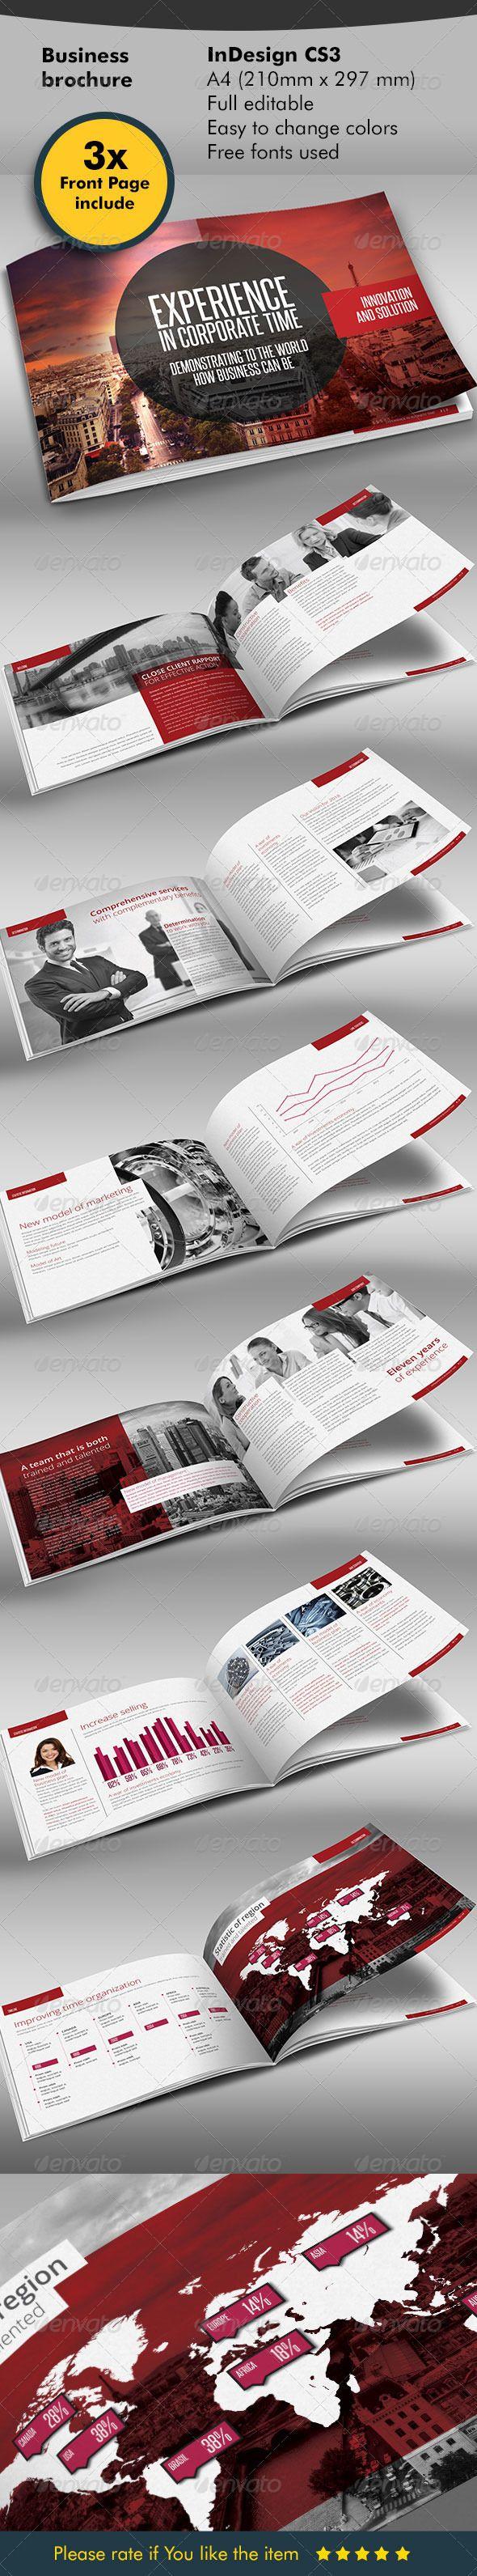 Red Black Design Brochure | Folletos, Revistas y Diseño editorial